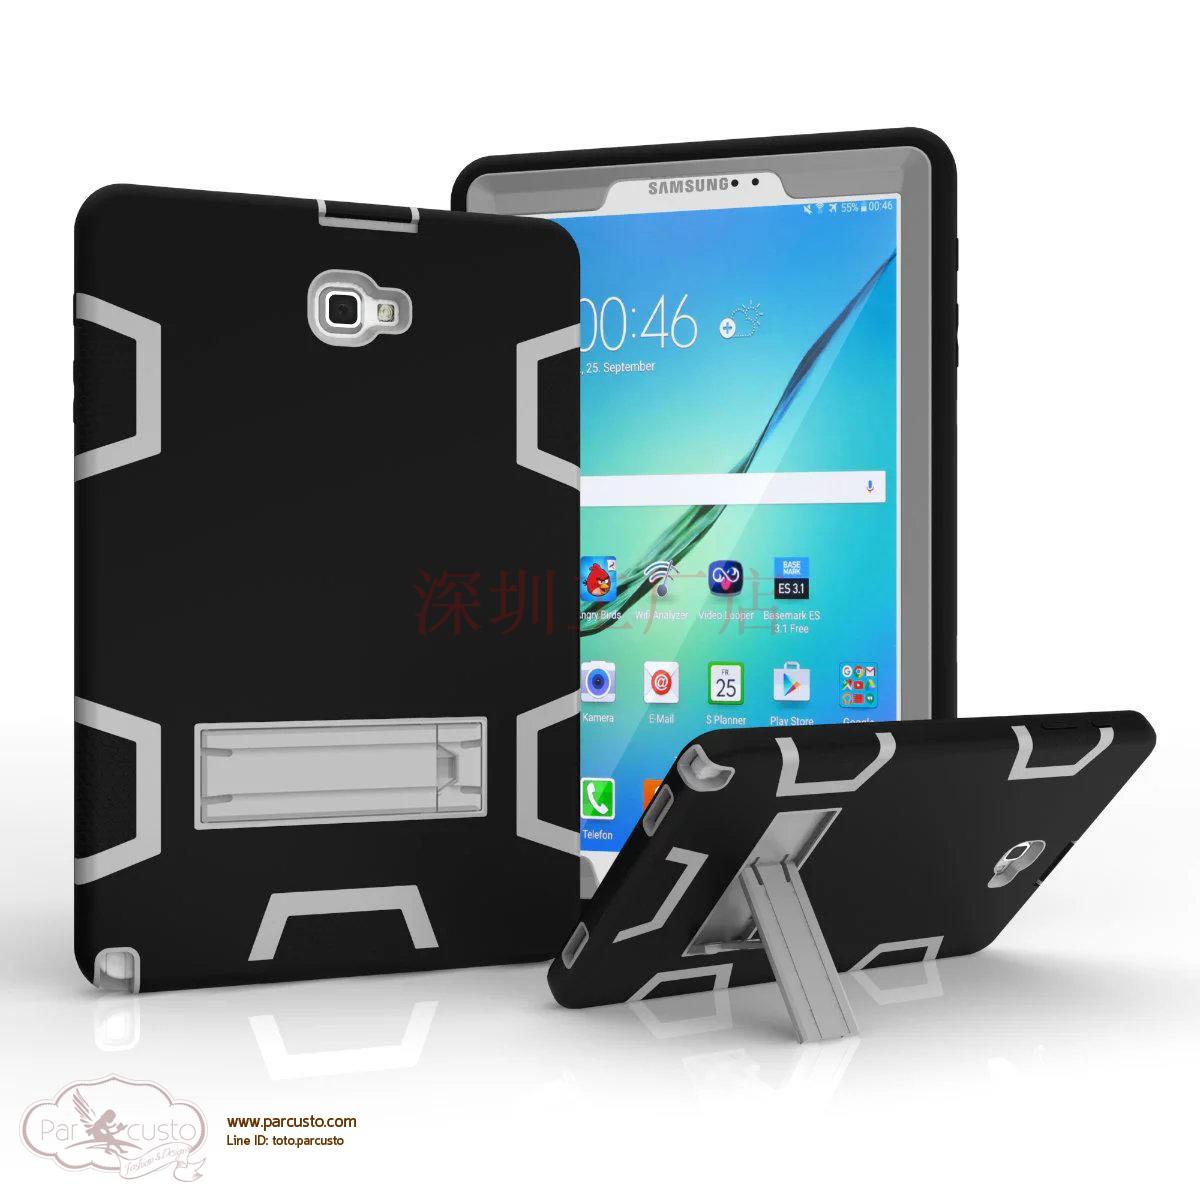 เคสกันกระแทก Samsung Galaxy Tab A 10.1 with S Pen (P580 / P585) จาก Tading [Pre-order]